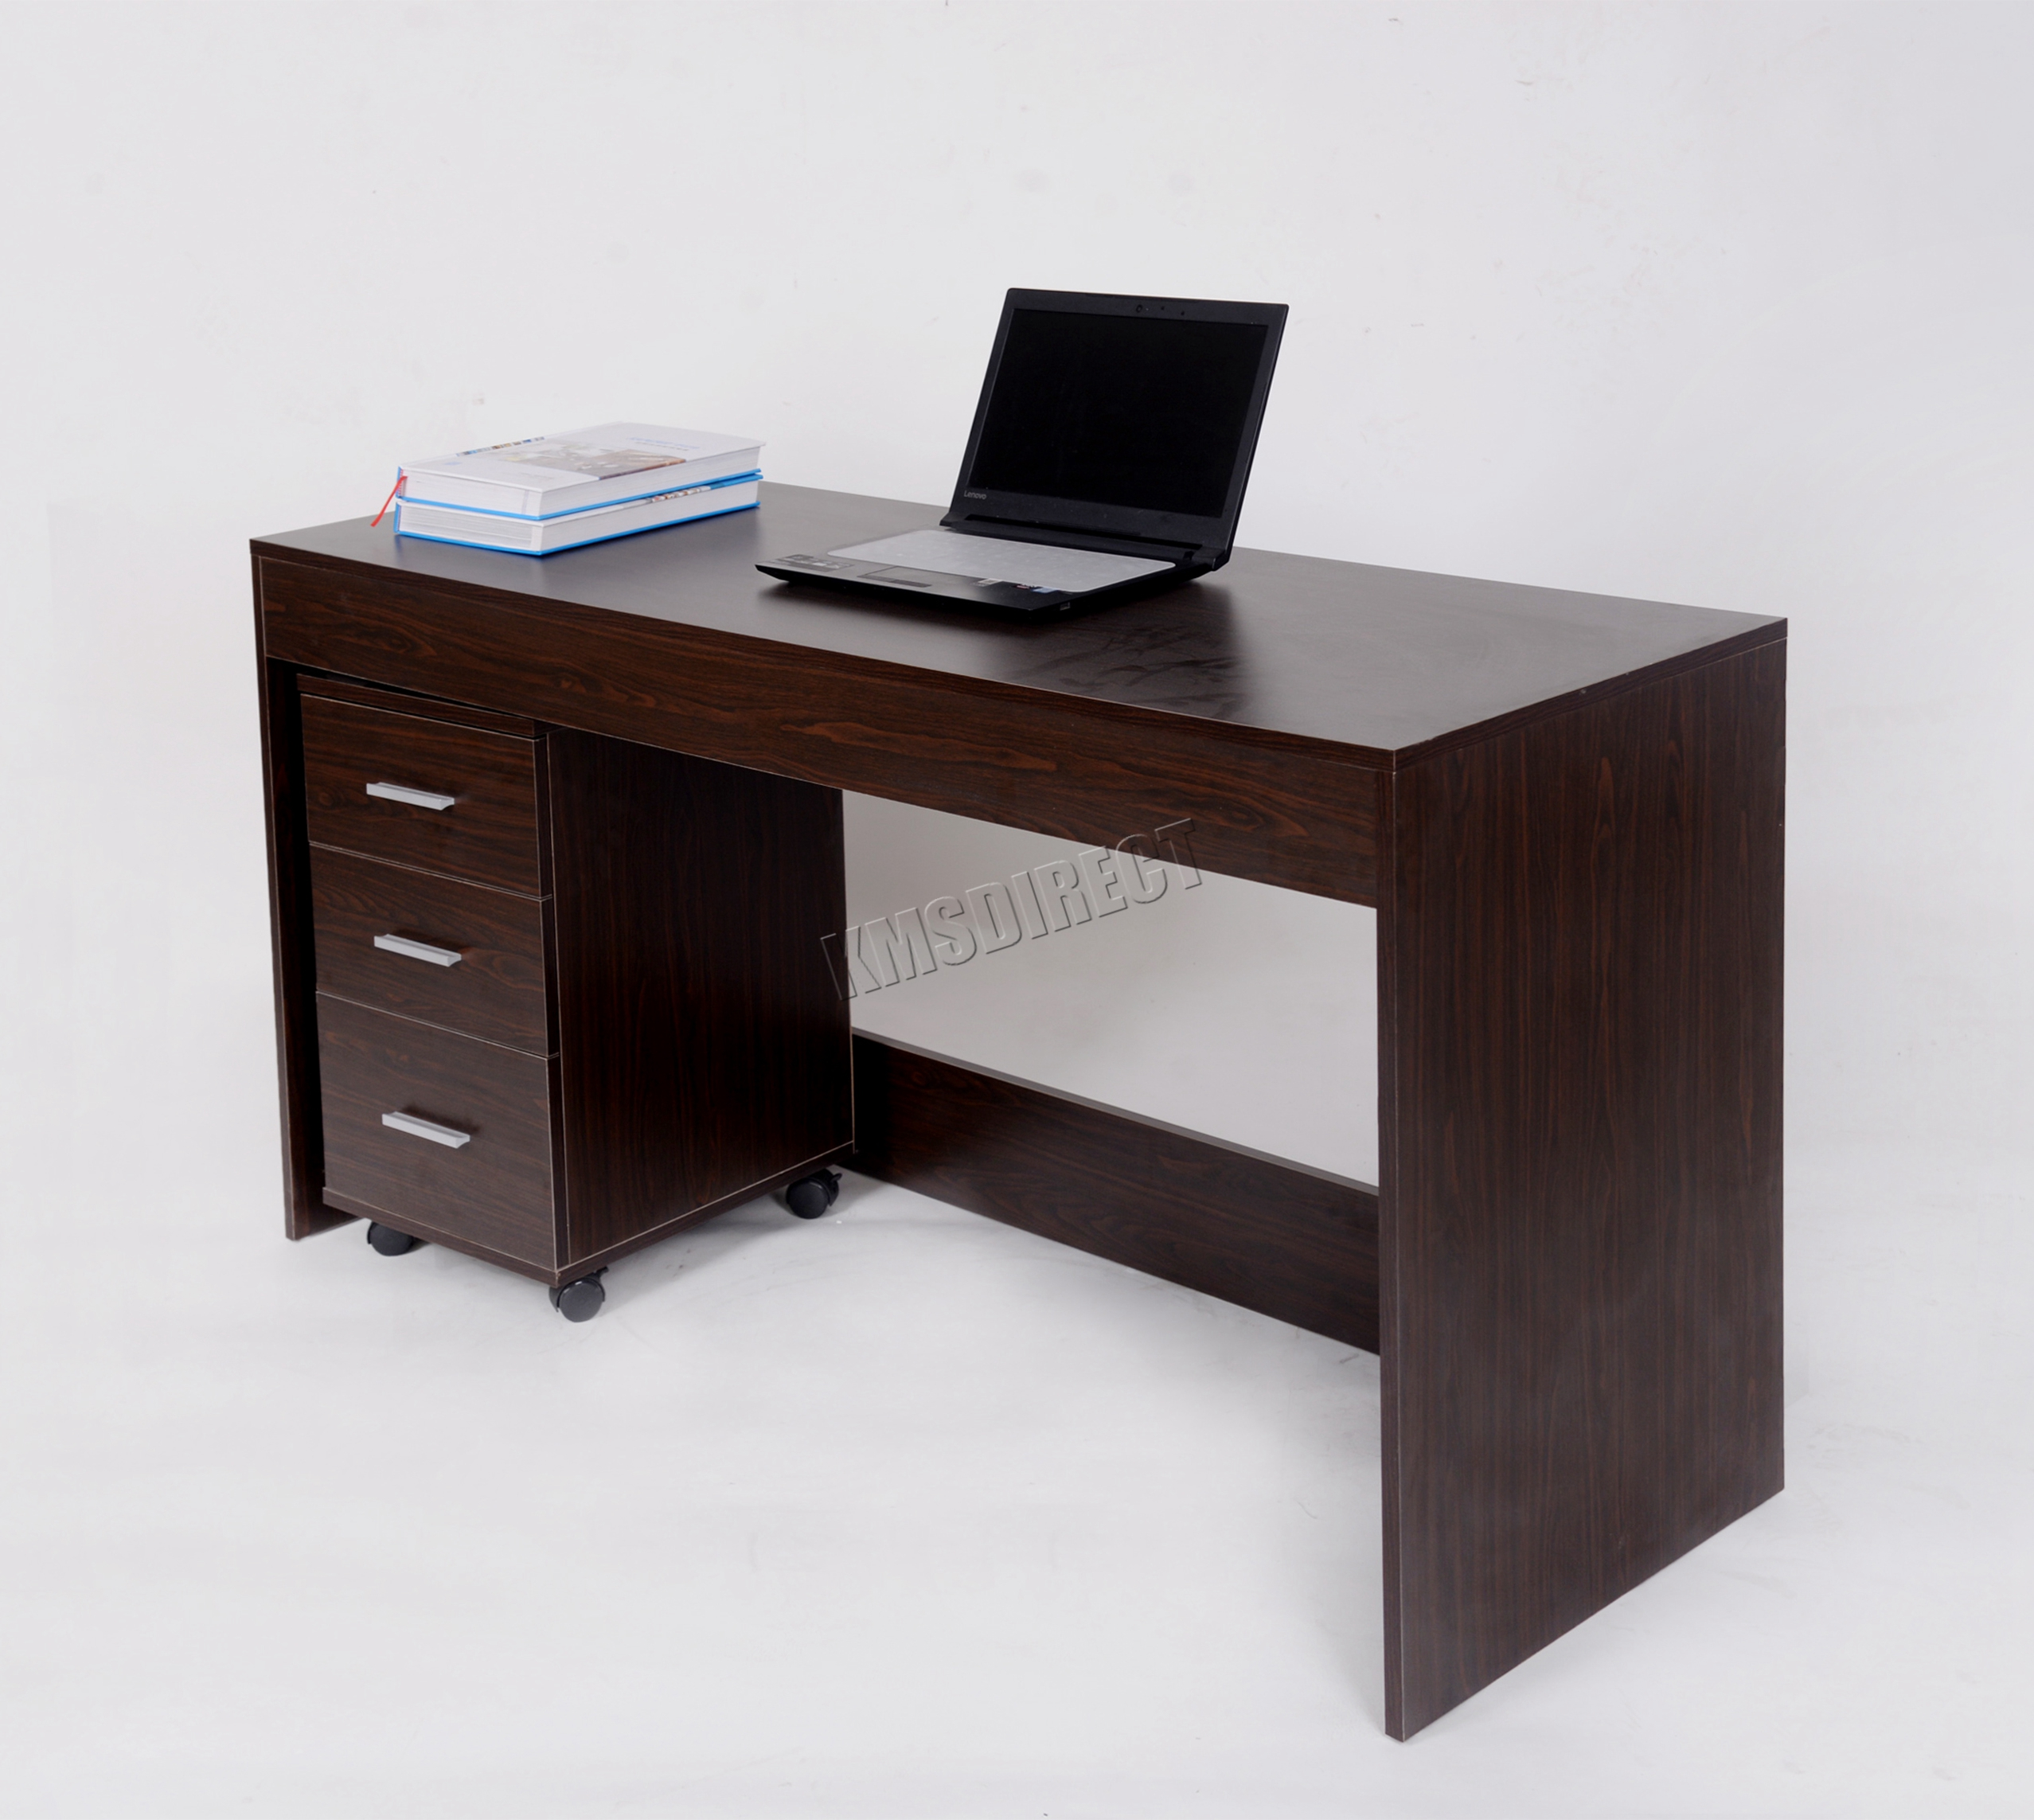 Westwood computador escritorio pc mesa con 3 cajones hogar for Mesa escritorio con cajones